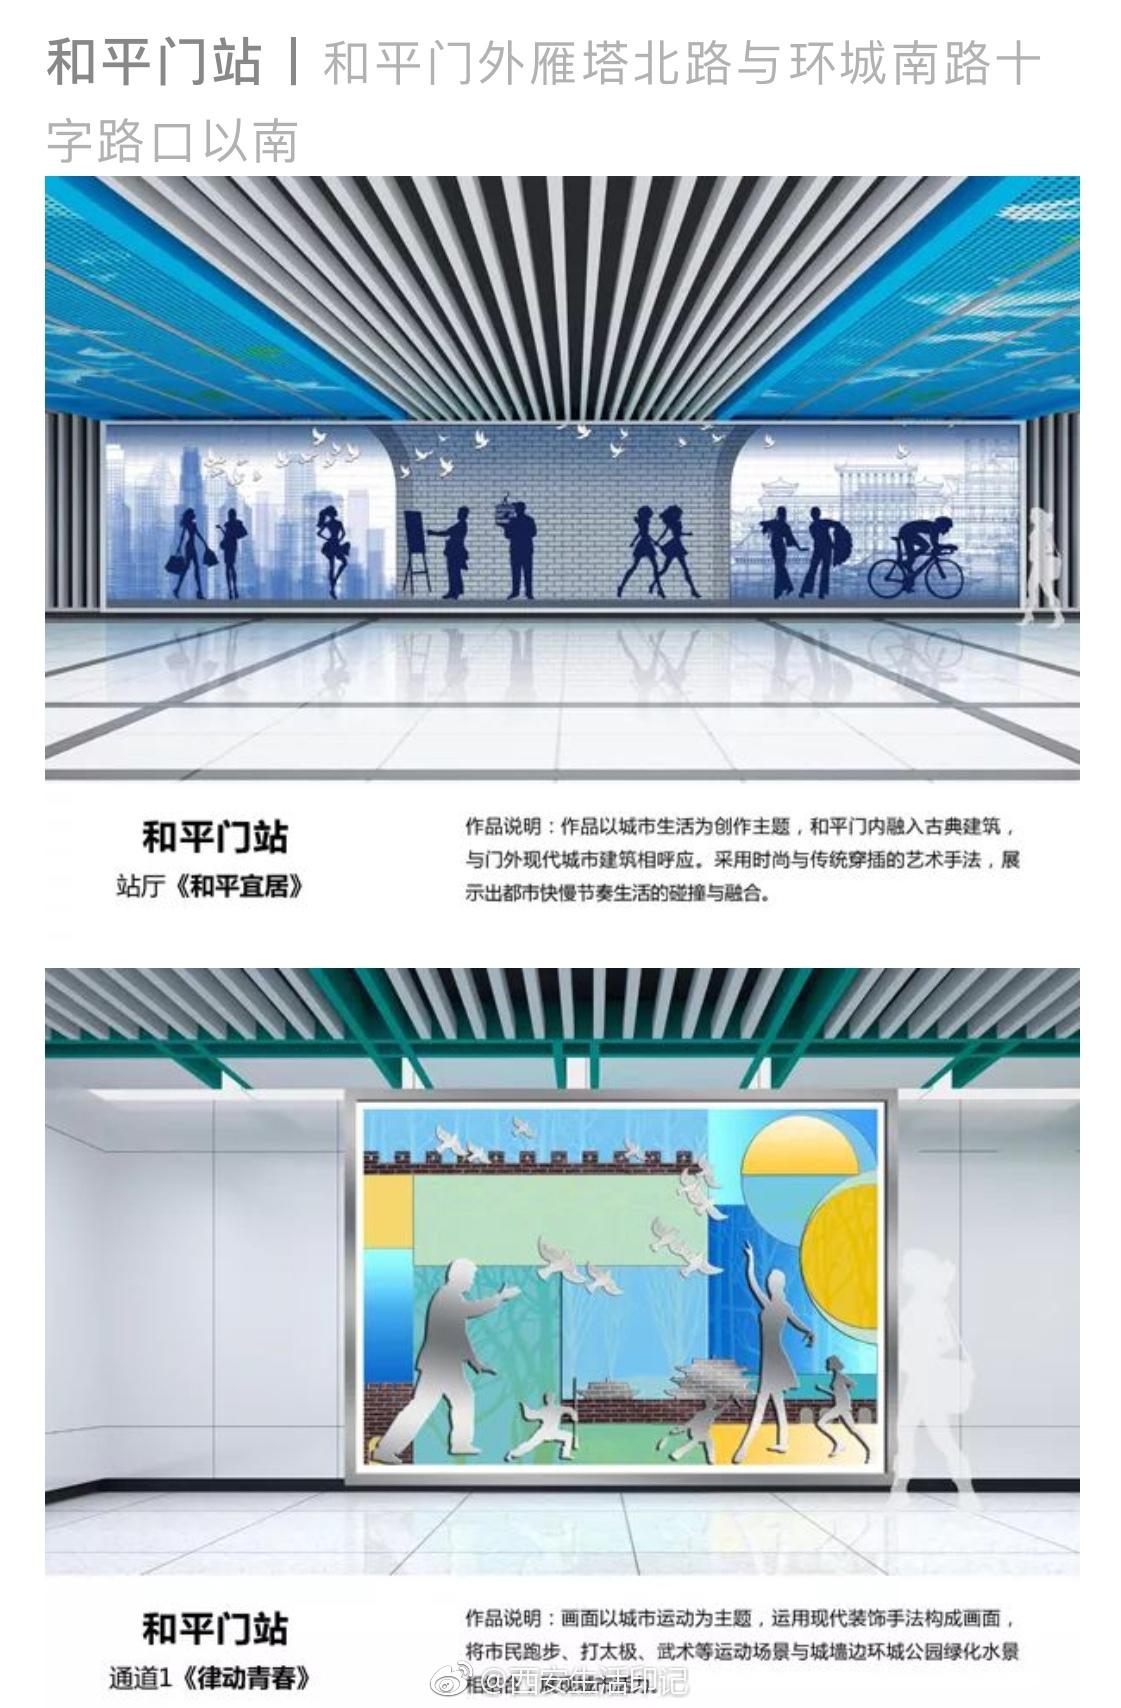 西安地铁四号线文化墙曝光再现汉唐盛世长安